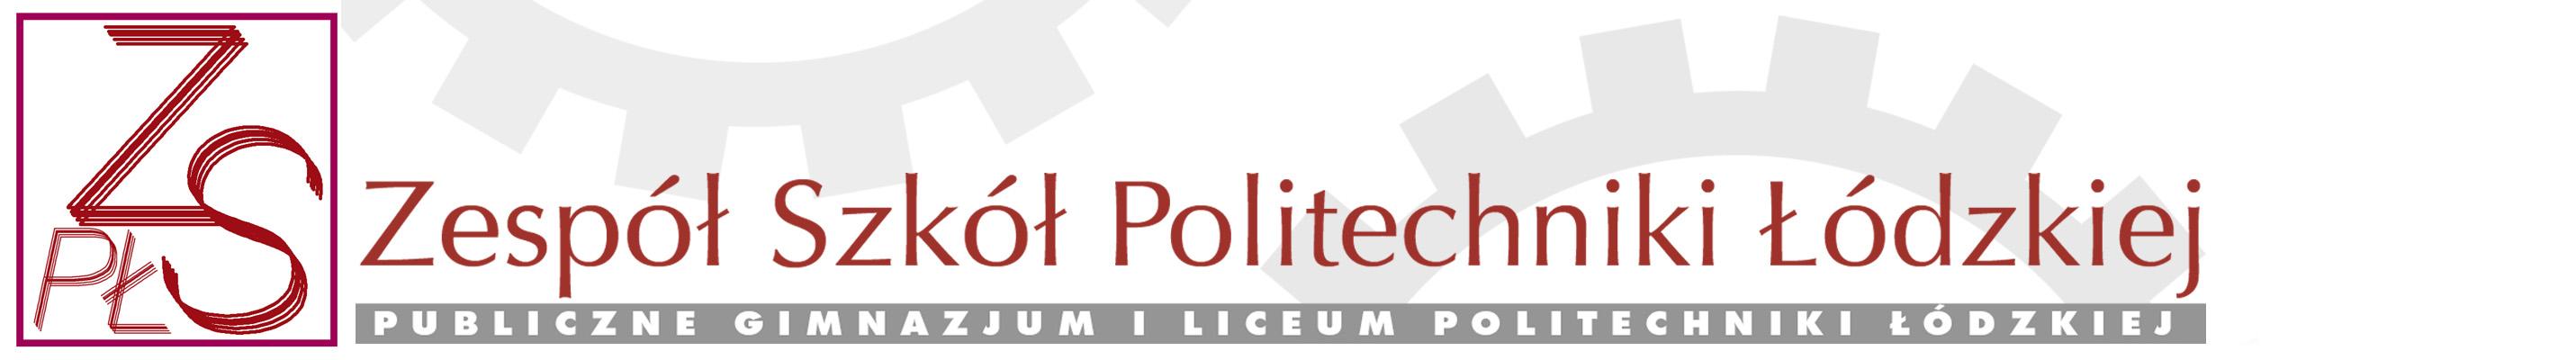 Publiczne Liceum Ogólnokształcące Politechniki Łódzkiej